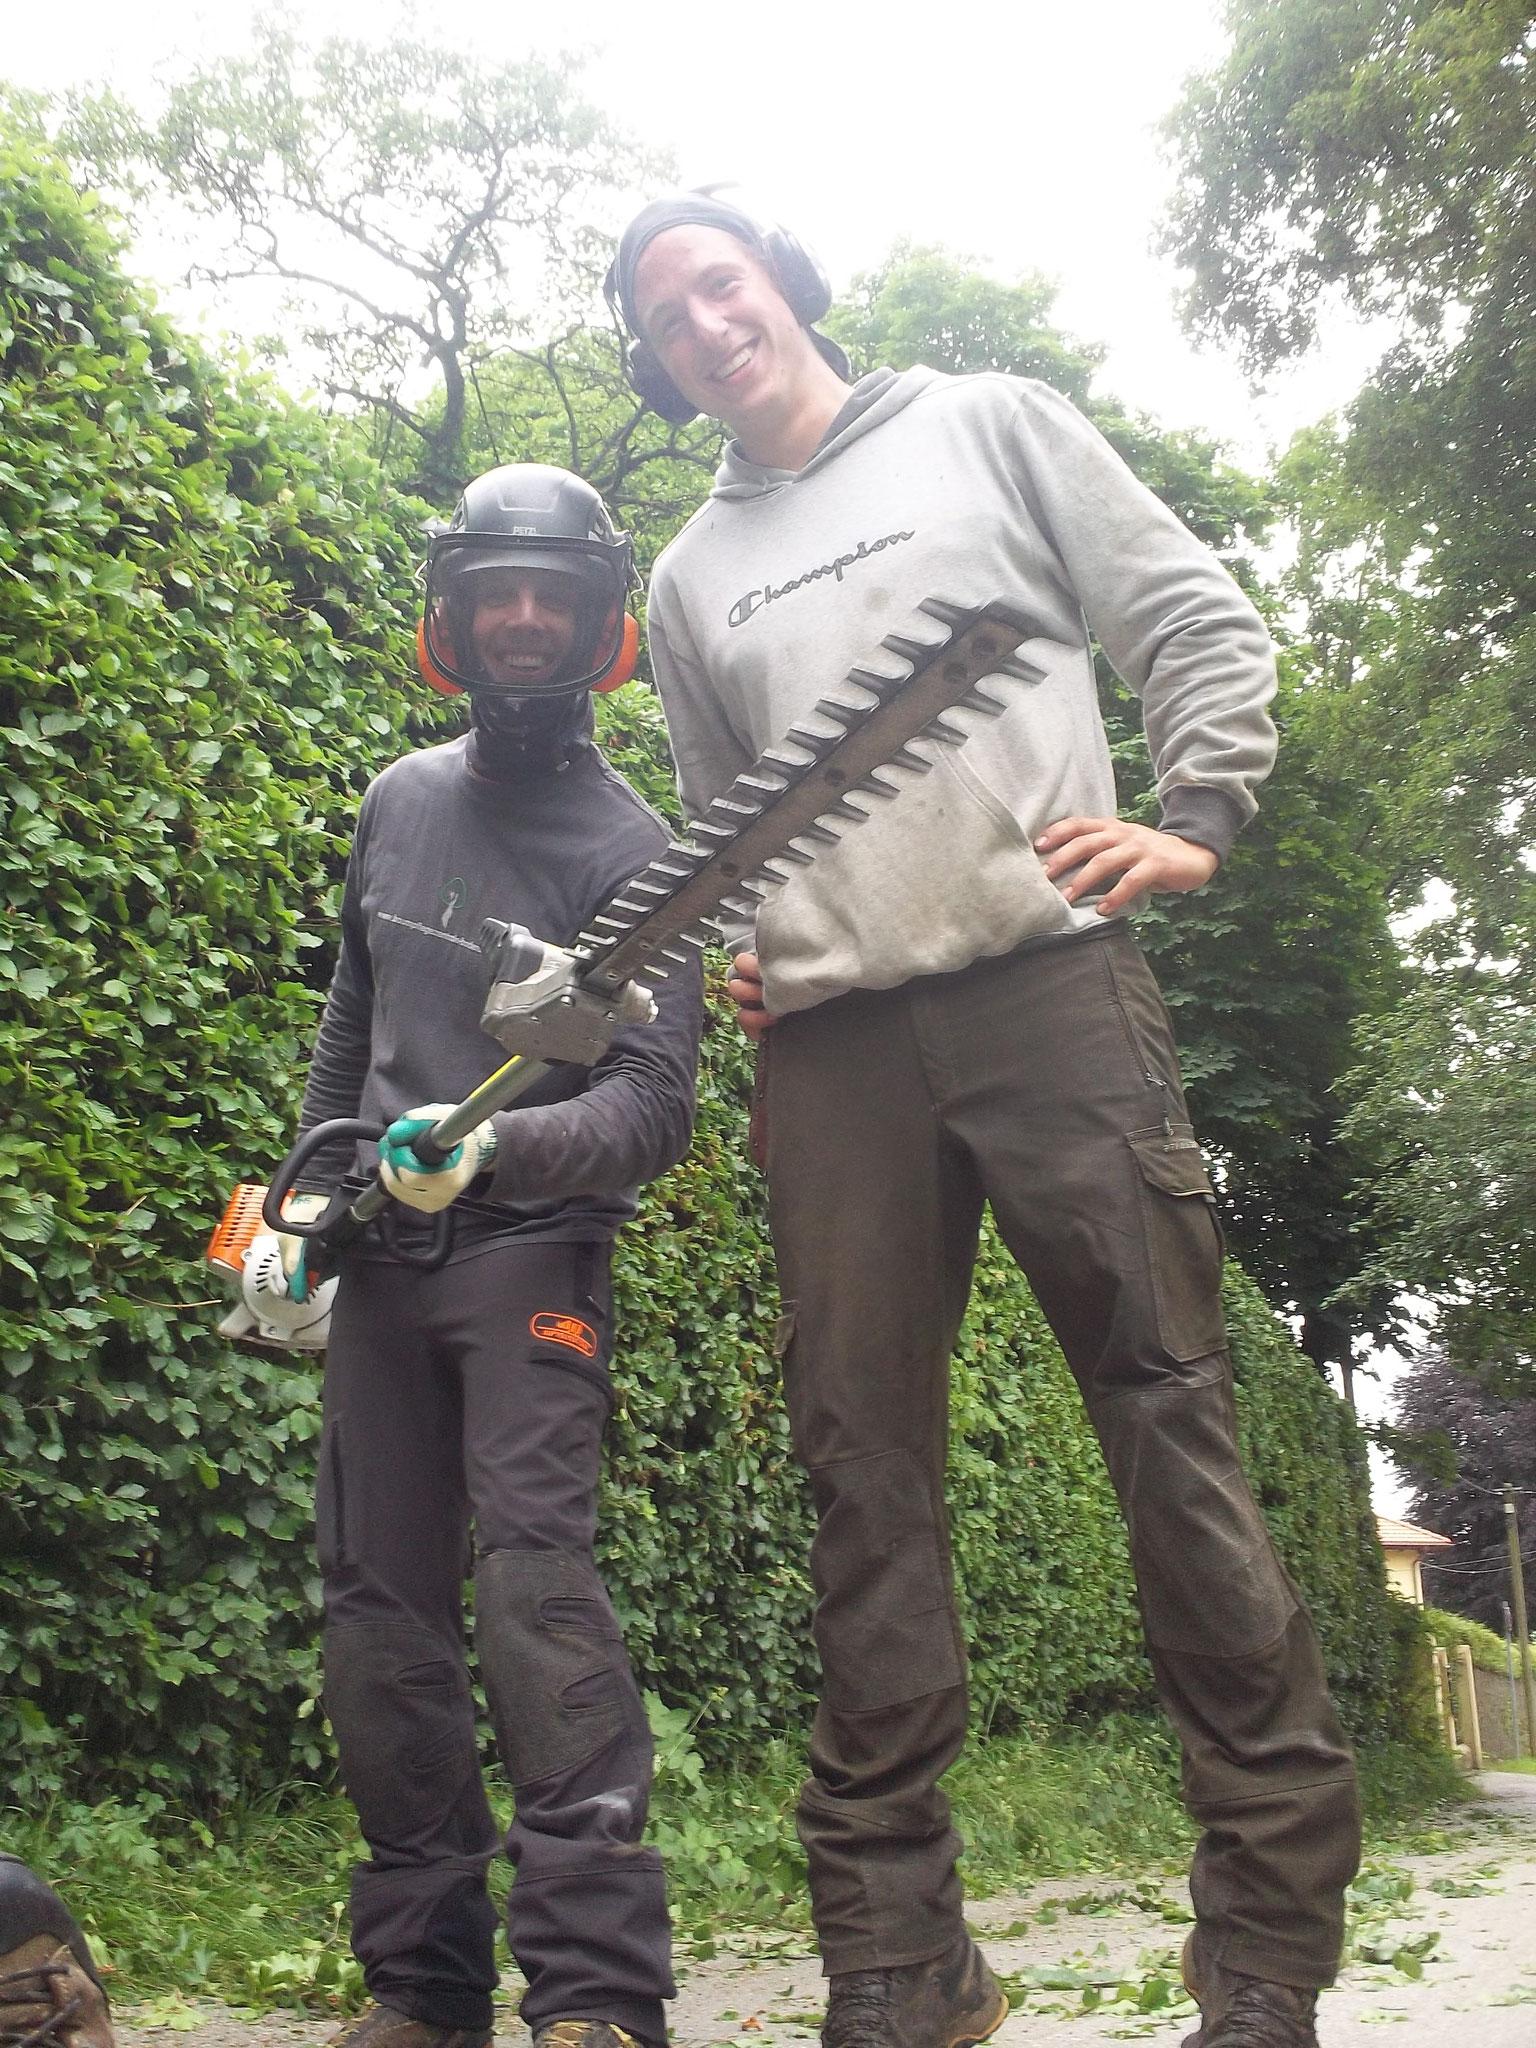 Baumpfleger mit Heckenschere.